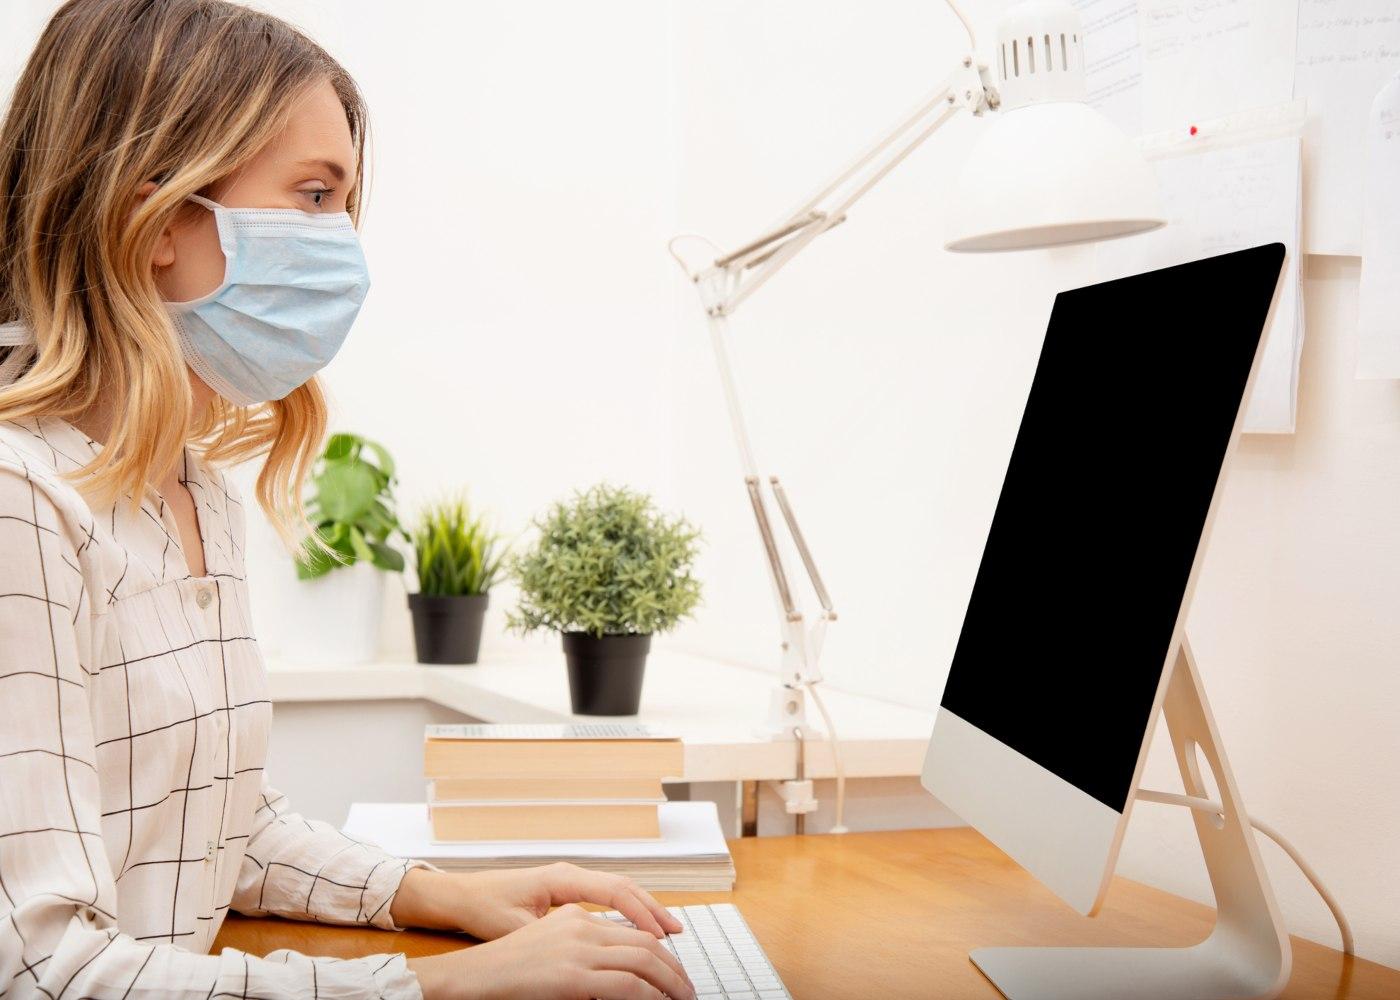 trabalho pós-pandemia no escritório mulher com máscara